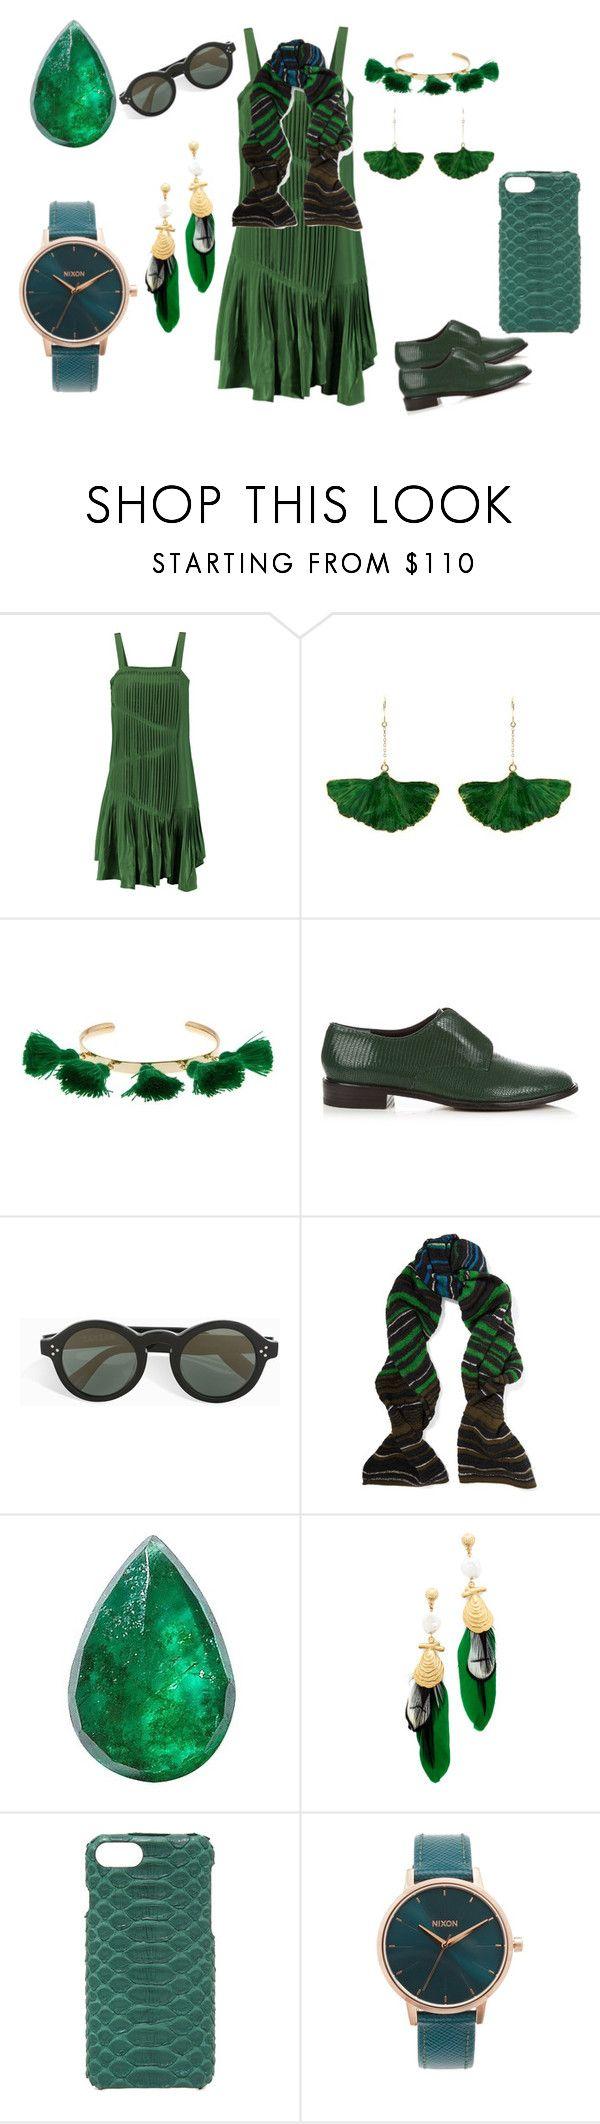 """""""Go green"""" by camry-brynn ❤ liked on Polyvore featuring TIBI, Aurélie Bidermann, Marte Frisnes, Robert Clergerie, Zanzan, M Missoni, Loquet, Gas Bijoux, Valenz Handmade and Nixon"""